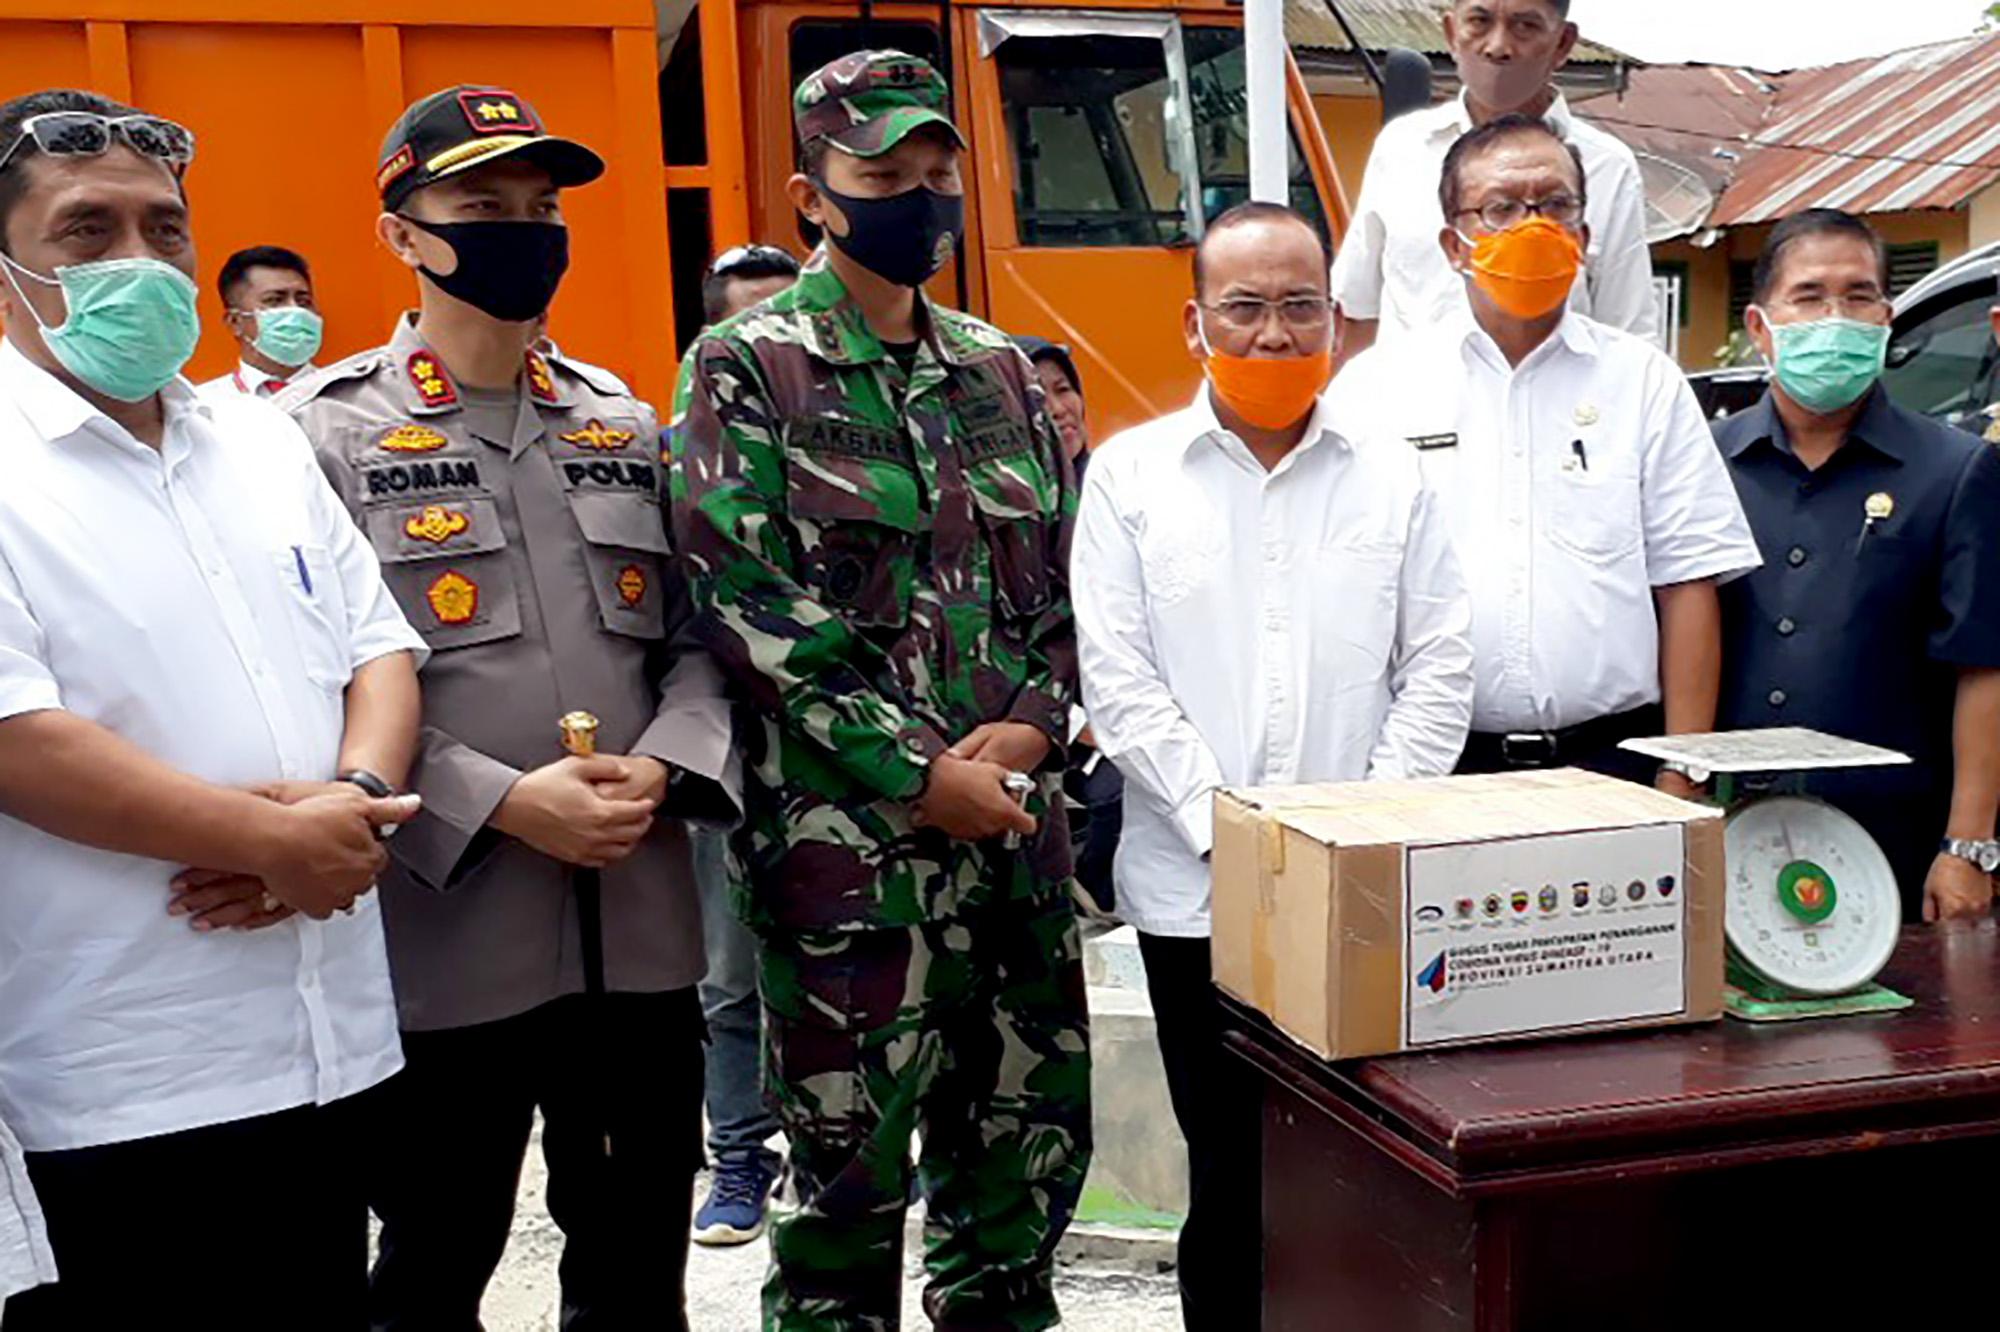 Kepala Dinas Tanaman Pangan dan Holtikultura Sumut Dahler menyerahkan secara simbolis bantuan sembako kepada Sekretaris Daerah Kabupaten Tapsel Parulian Nasution. Foto: istimewa